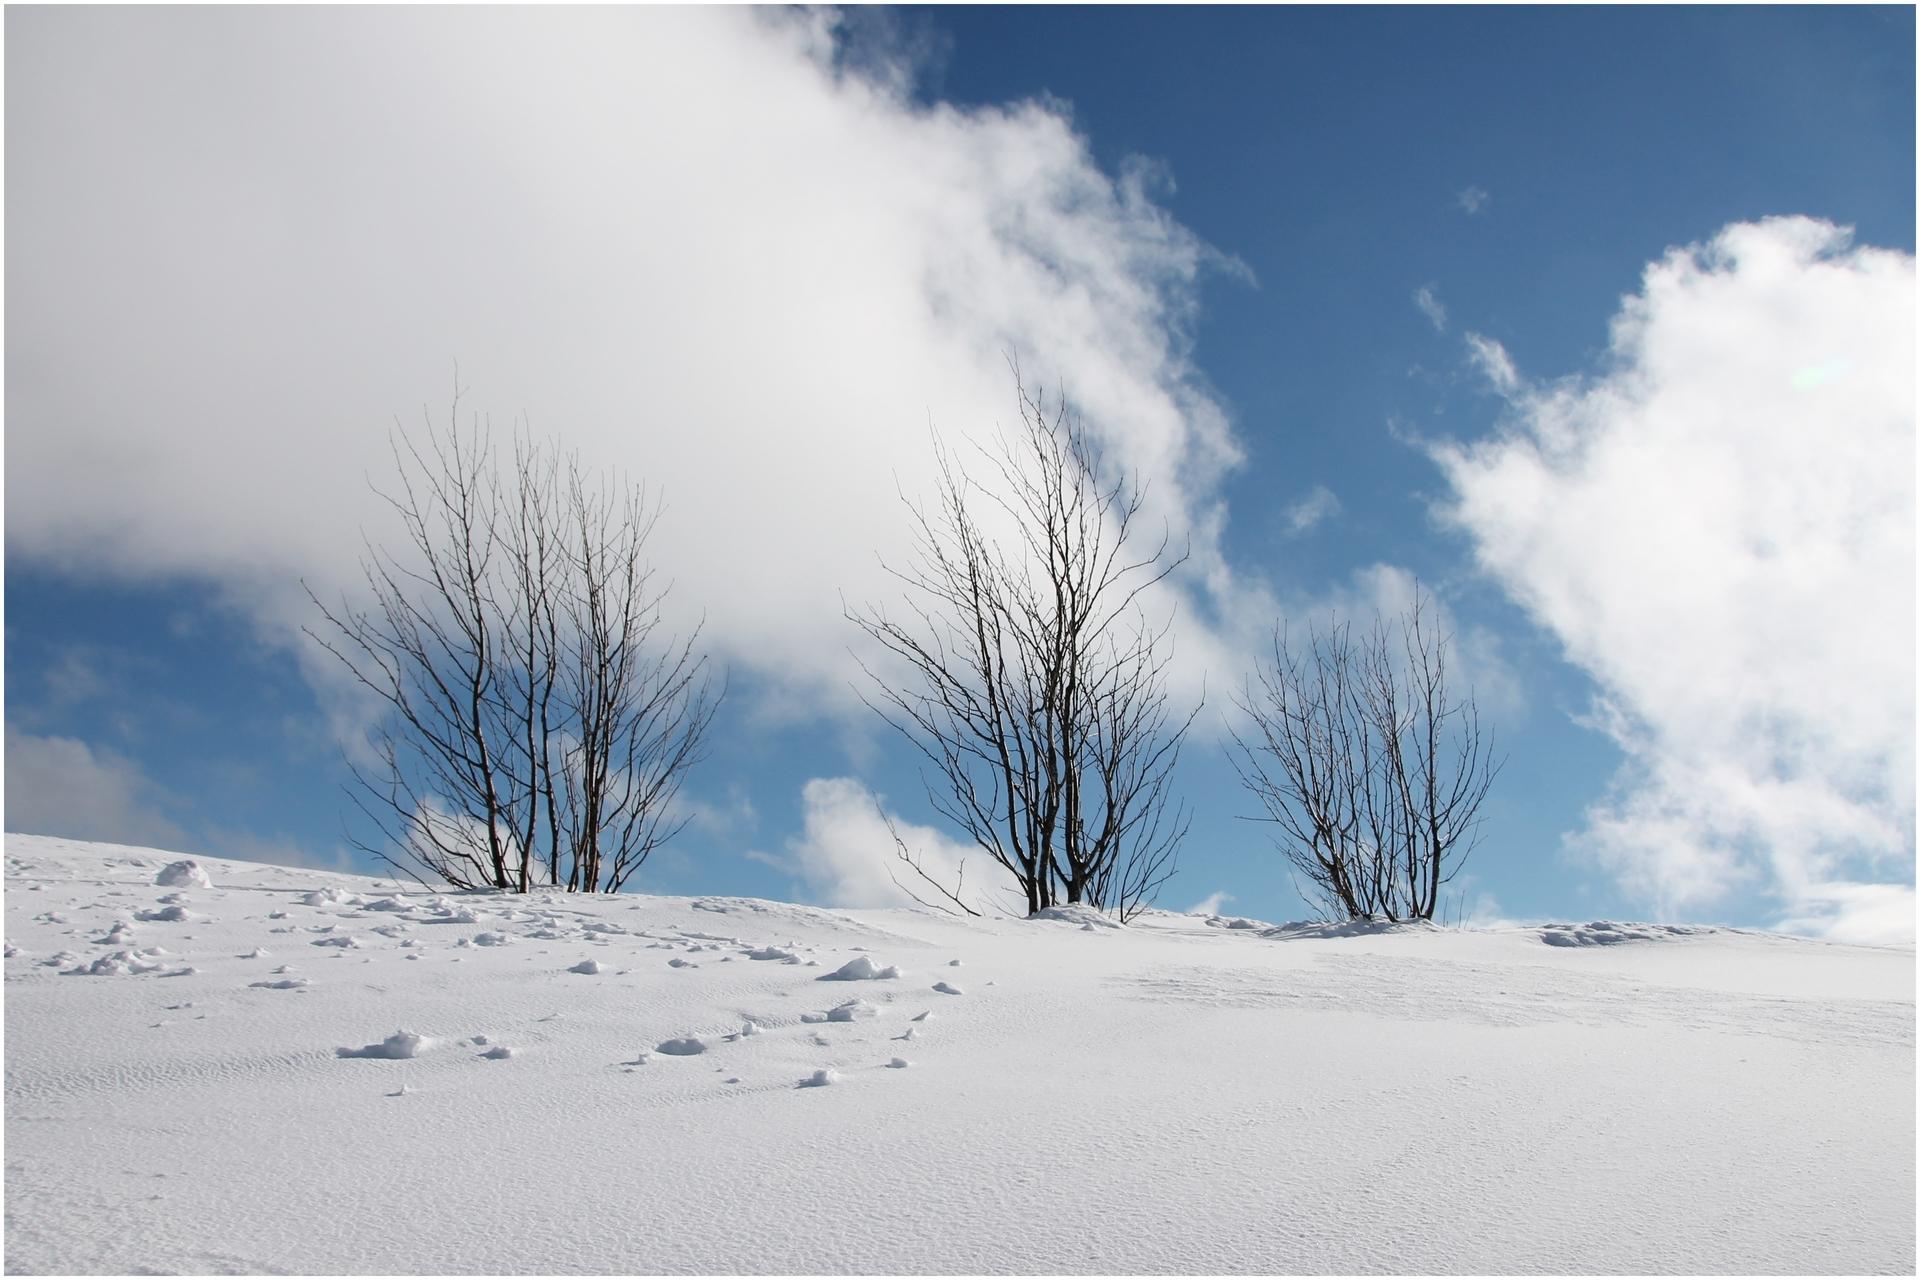 006 Adam Laetitia - Isolement hivernal